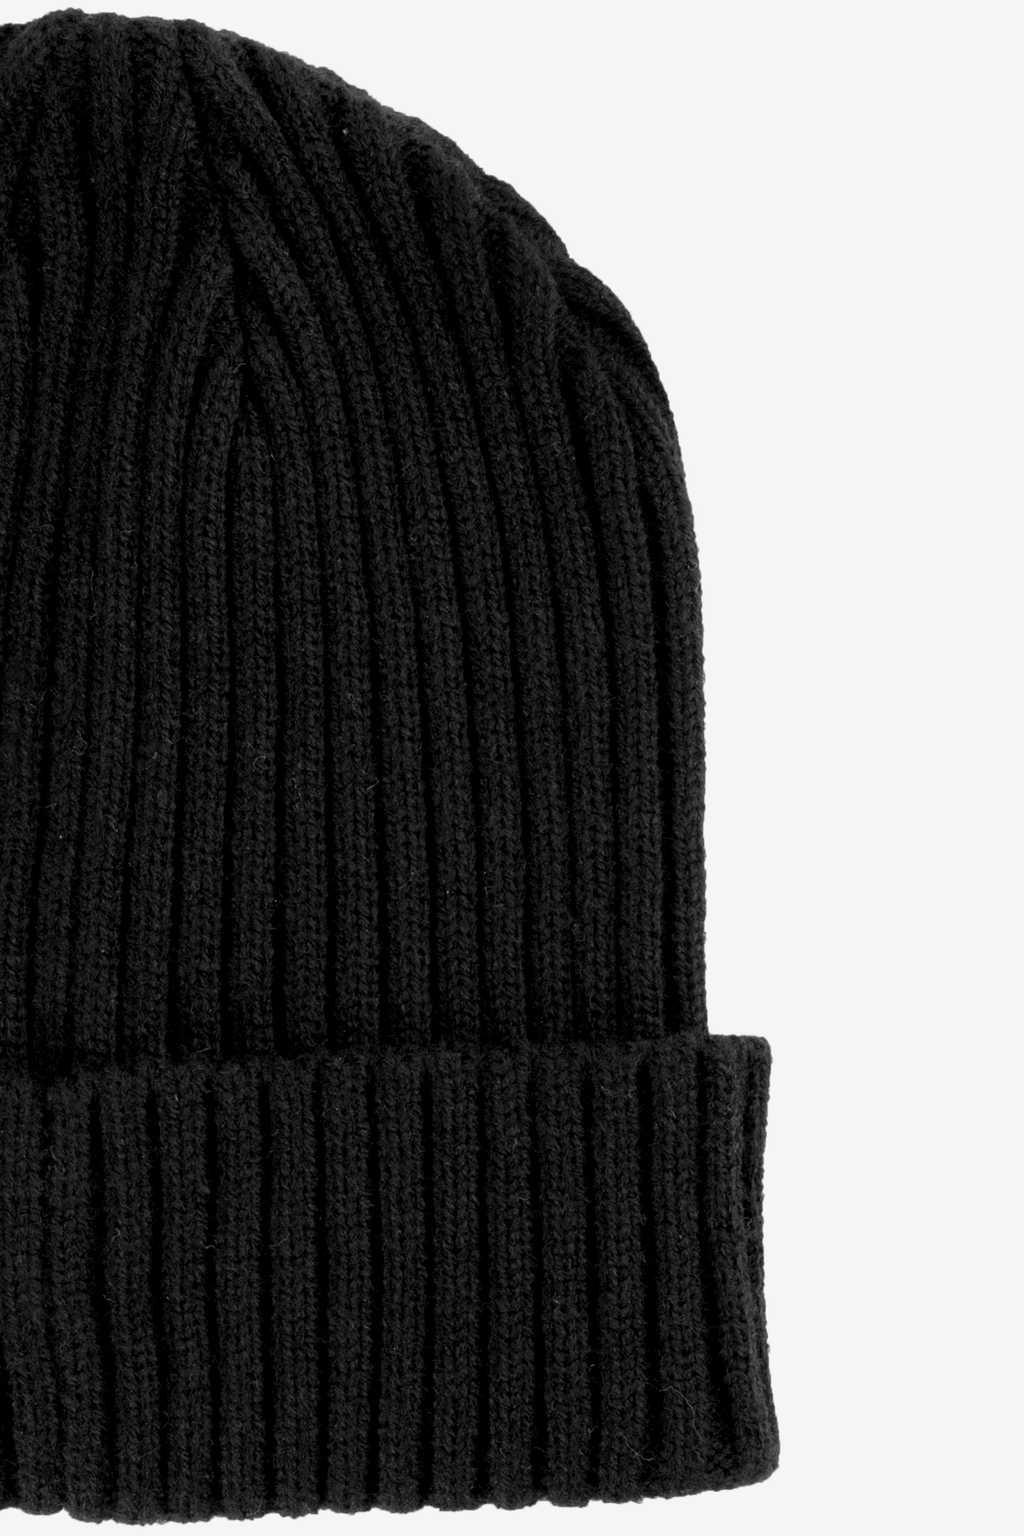 Hat 97023 Black 4